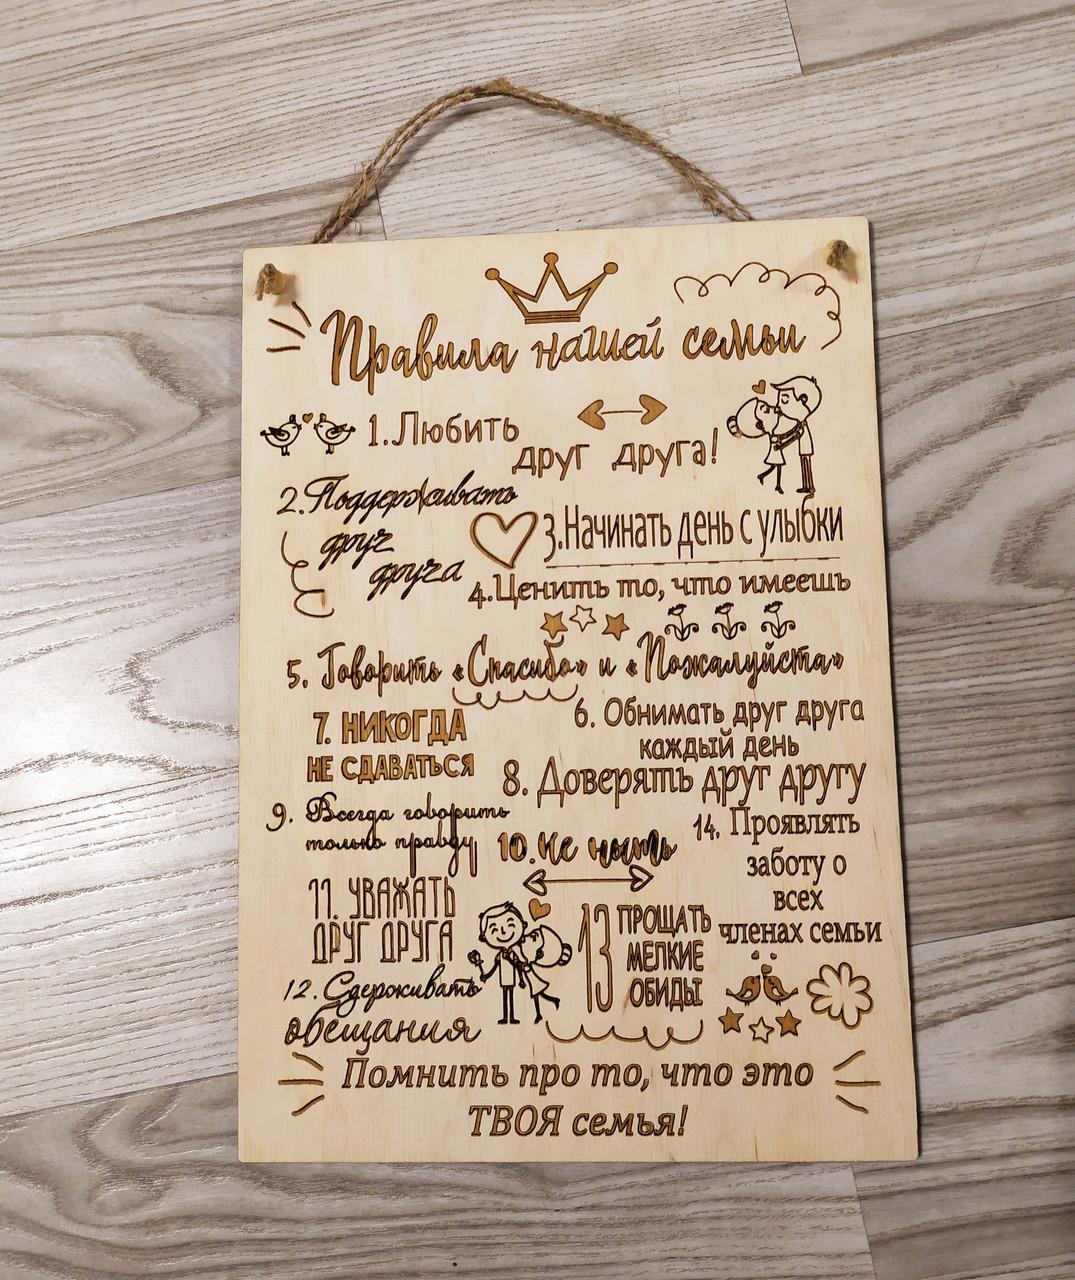 Правила нашей семьи, подарок на деревянную свадьбу